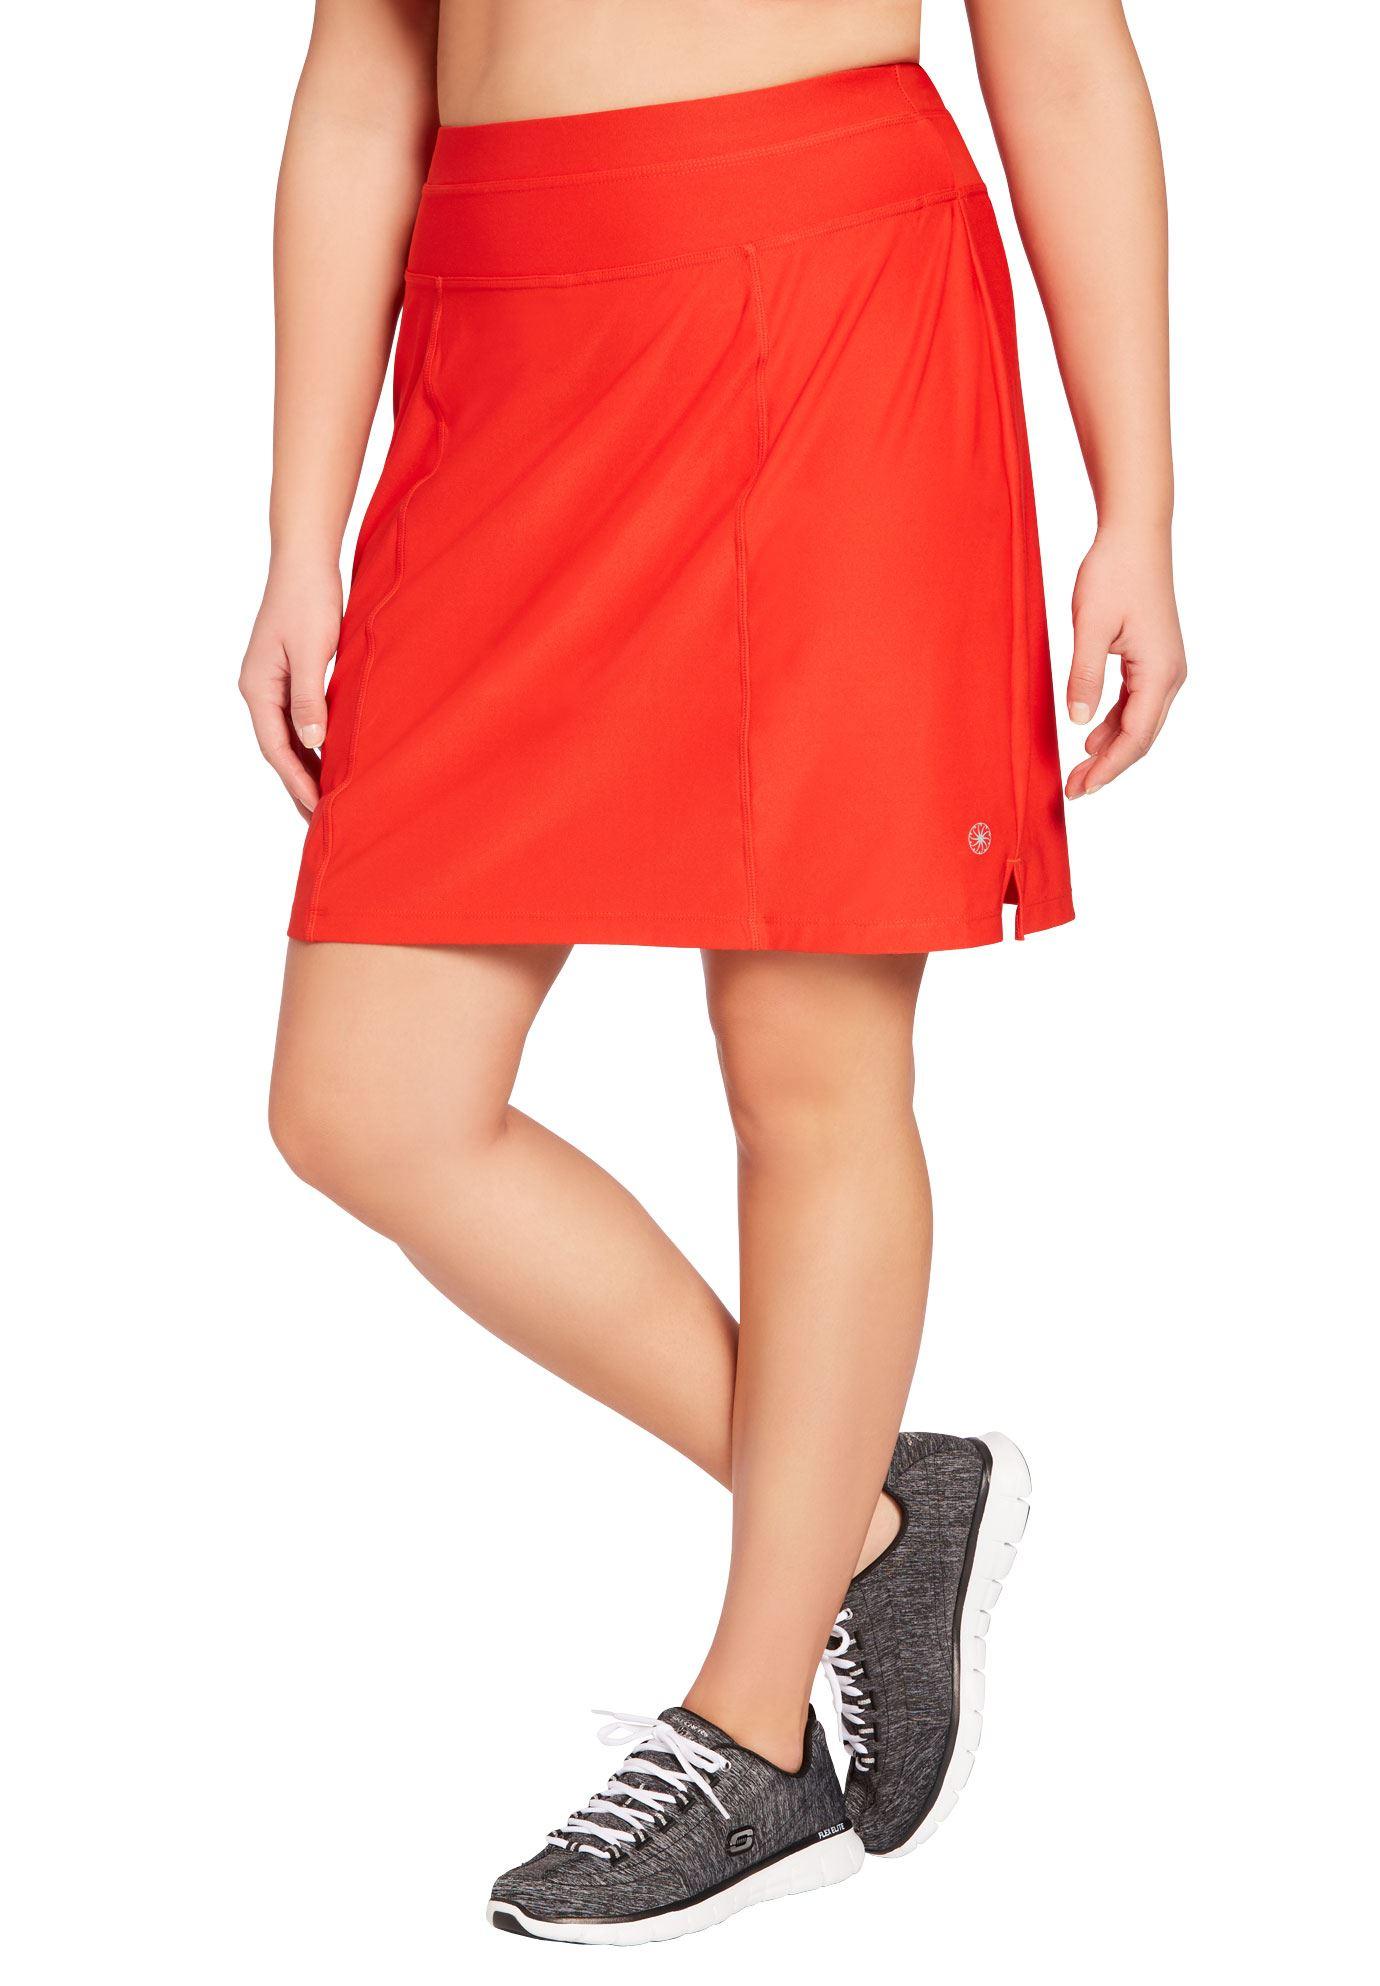 1c6200c1e15 The sport skort by FullBeauty SPORT - Women s Plus Size Clothing ...